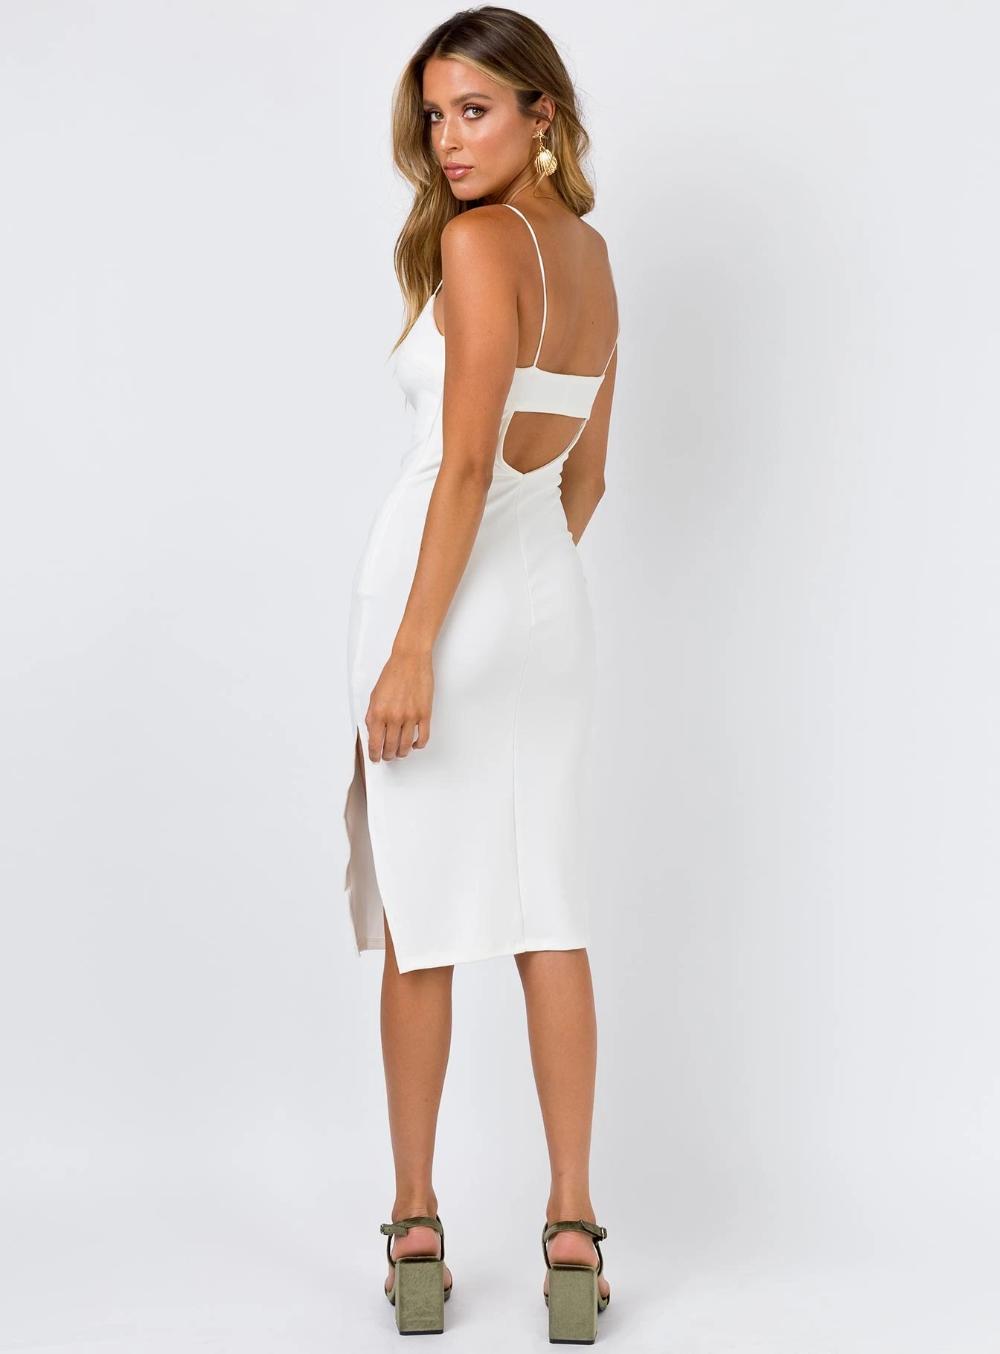 Kiana Midi Dress White White Short Dress White Midi Dress White Dress [ 1354 x 1000 Pixel ]